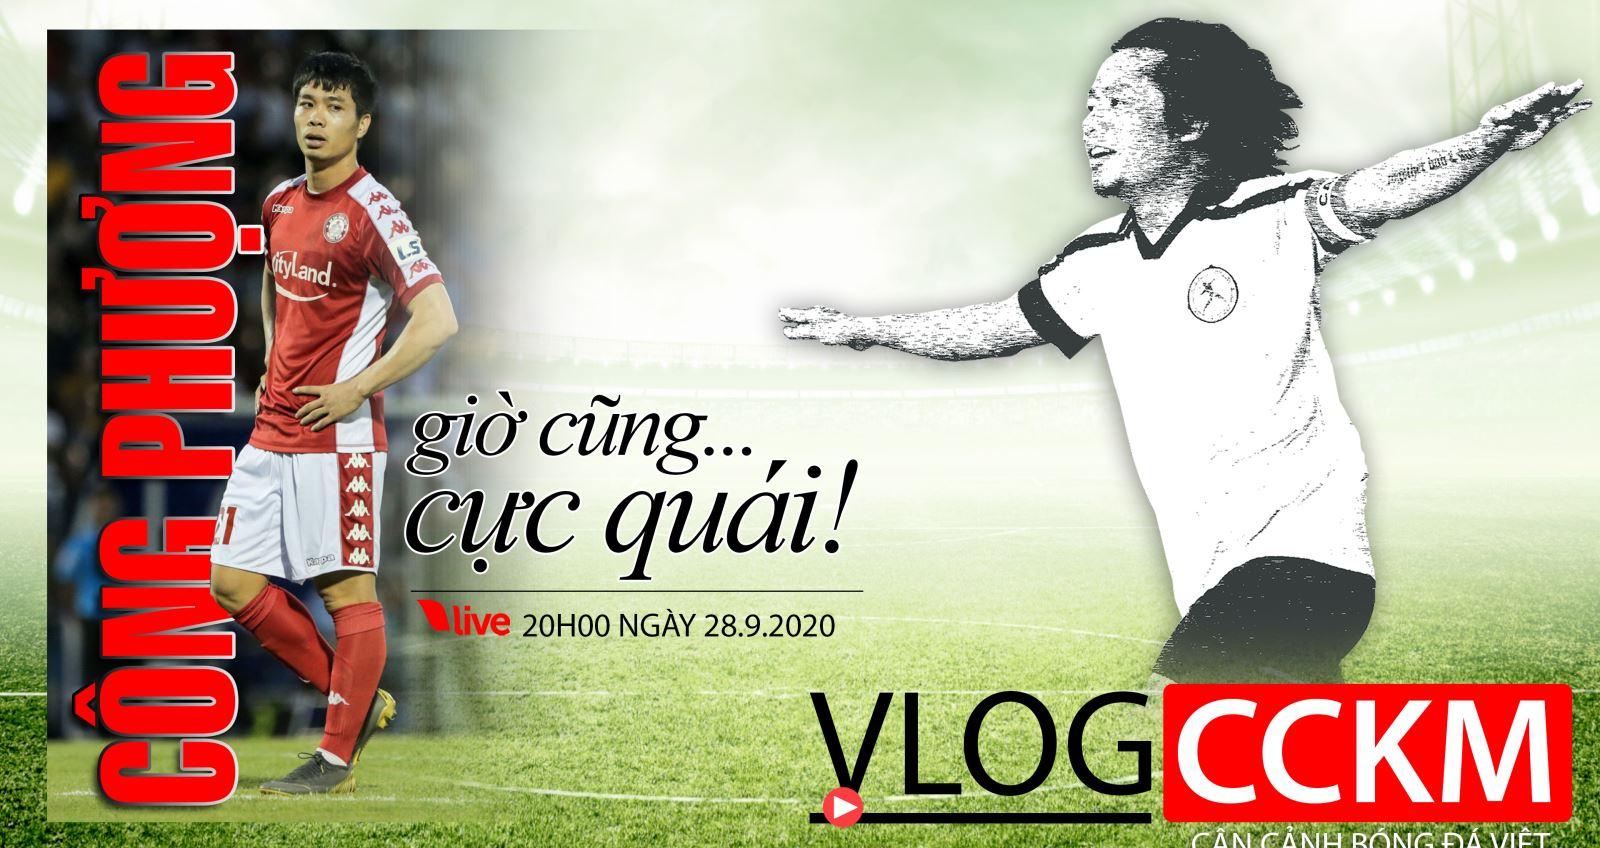 Trần Hải, CCKM, V-Log, V-League, Công Phượng, HAGL, CLB TP.HCM, treo giò, bóng đá, lịch thi đấu bóng đá